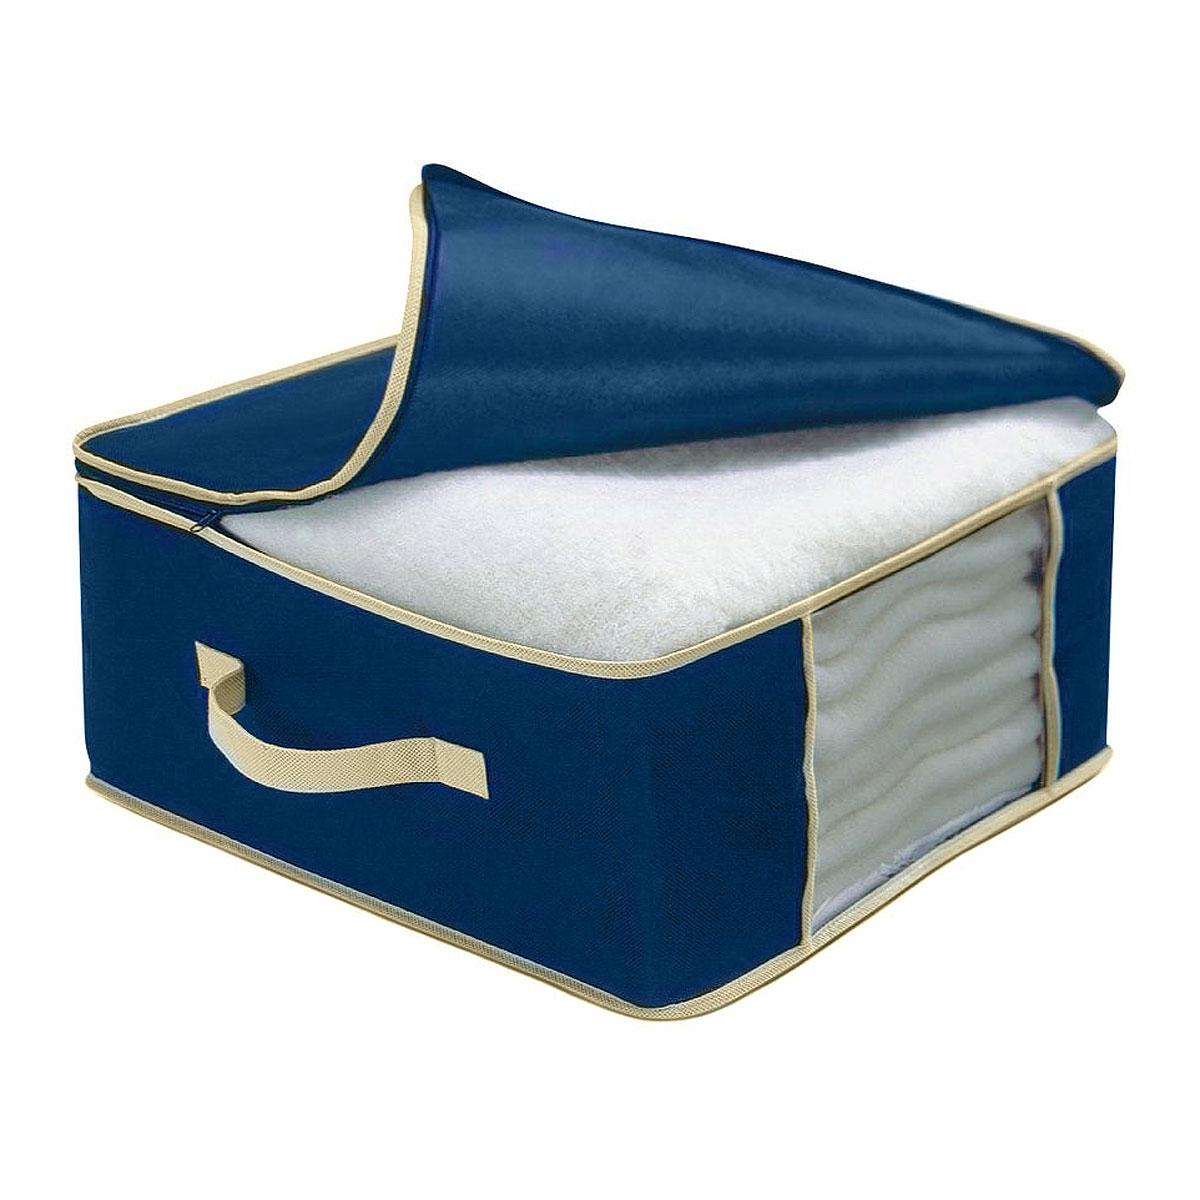 Чехол для одеяла Cosatto, цвет: синий, 45 х 45 х 20 смCOVLCAT050Чехол для одеяла Cosatto изготовлен из дышащего нетканого материала (полипропилена), безопасного в использовании. Подходит для одинарных шерстяных или одинарных пуховых одеял. Имеет прозрачное окно и застежку-молнию по периметру, а также ручку для переноски.